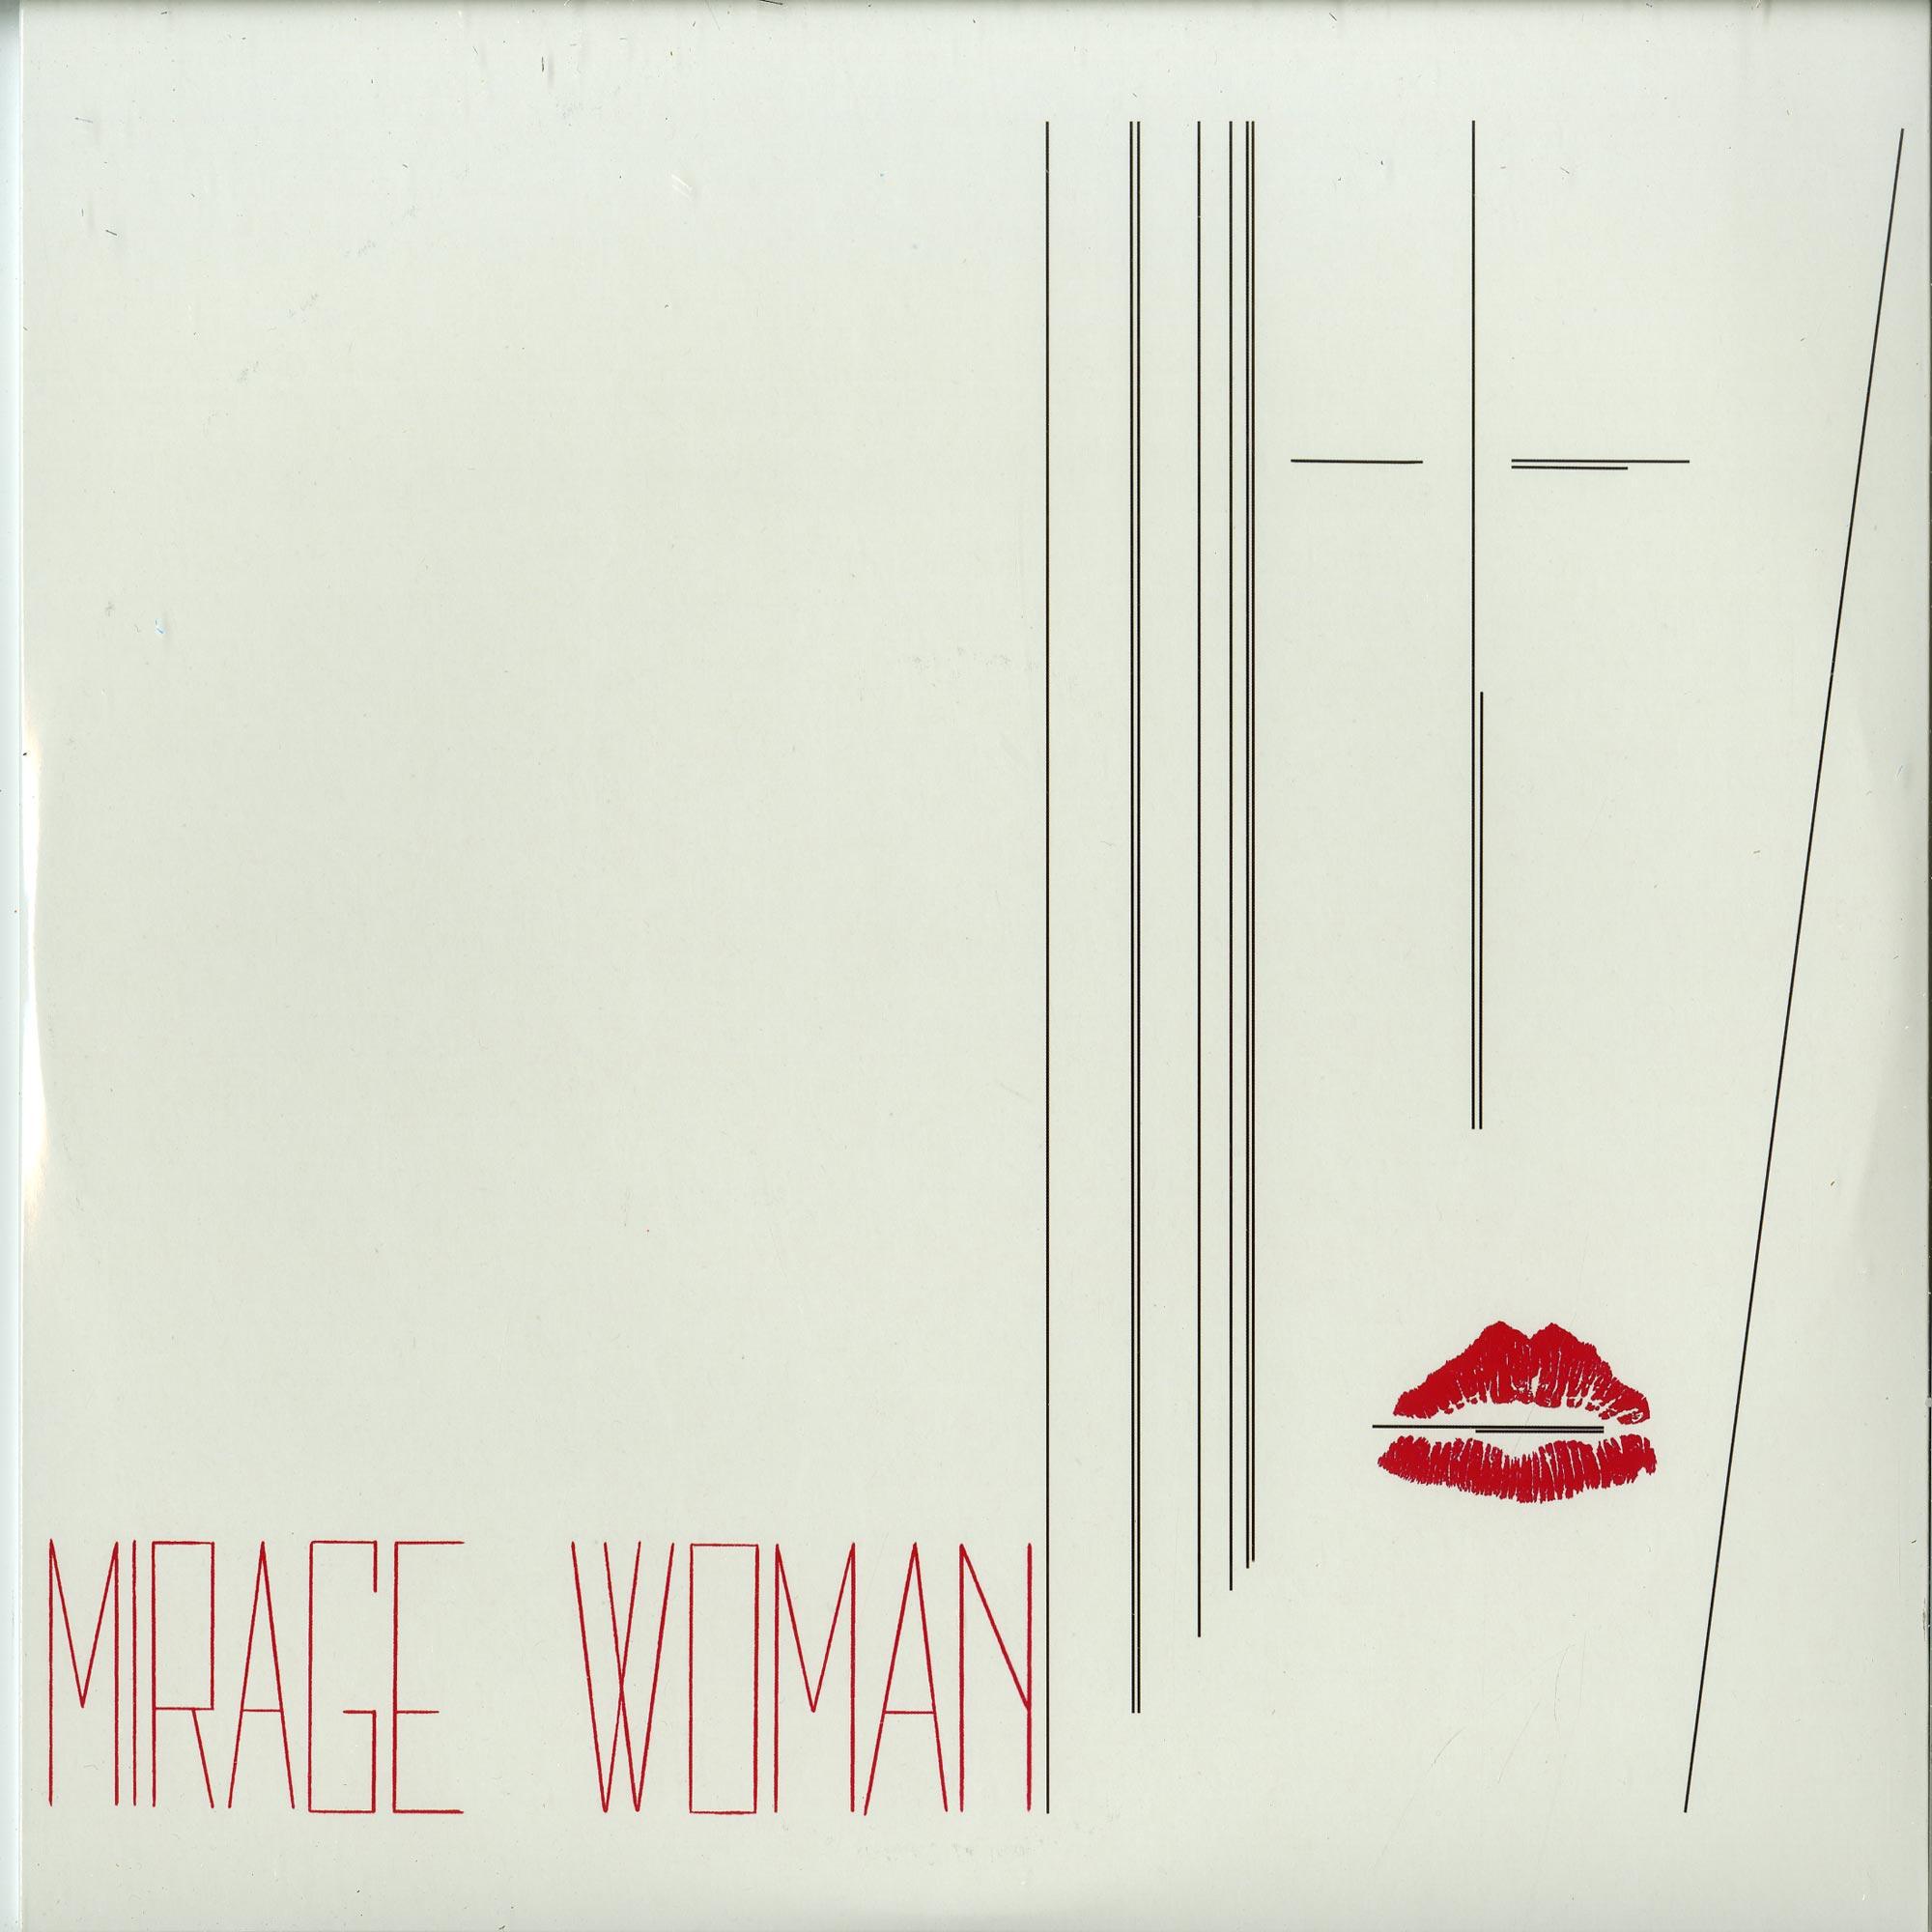 Mirage - WOMAN